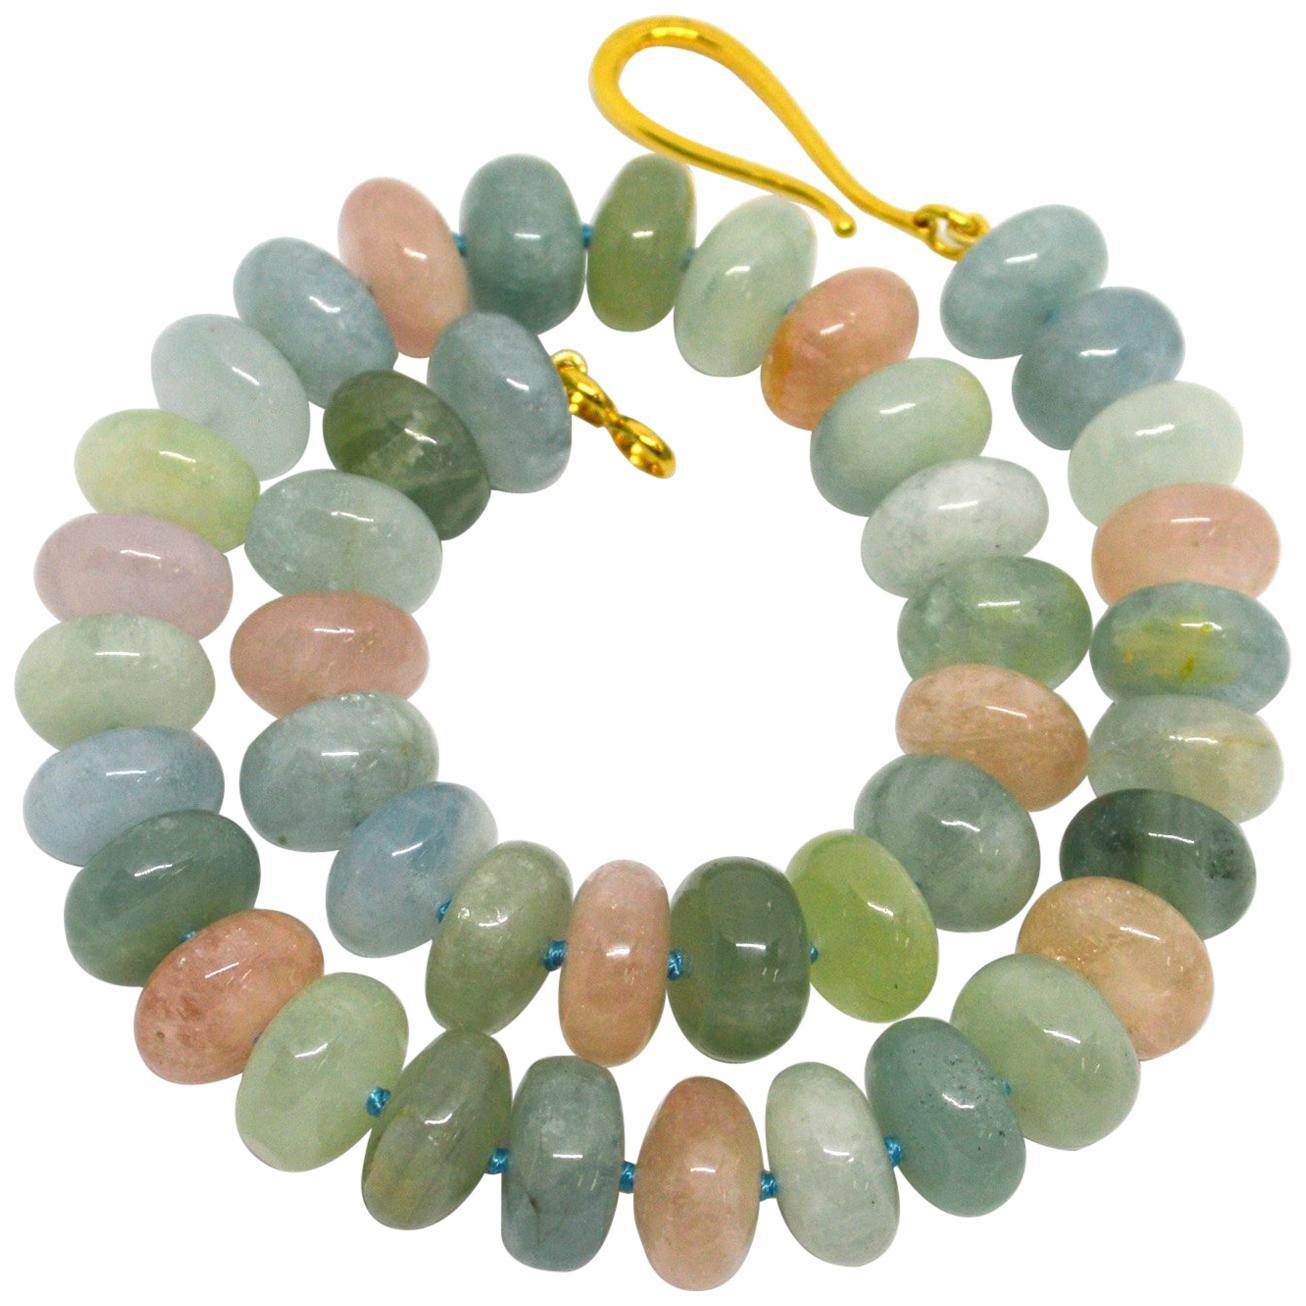 Decadent Jewels Beryl Aquamarine Morganite Gold Necklace